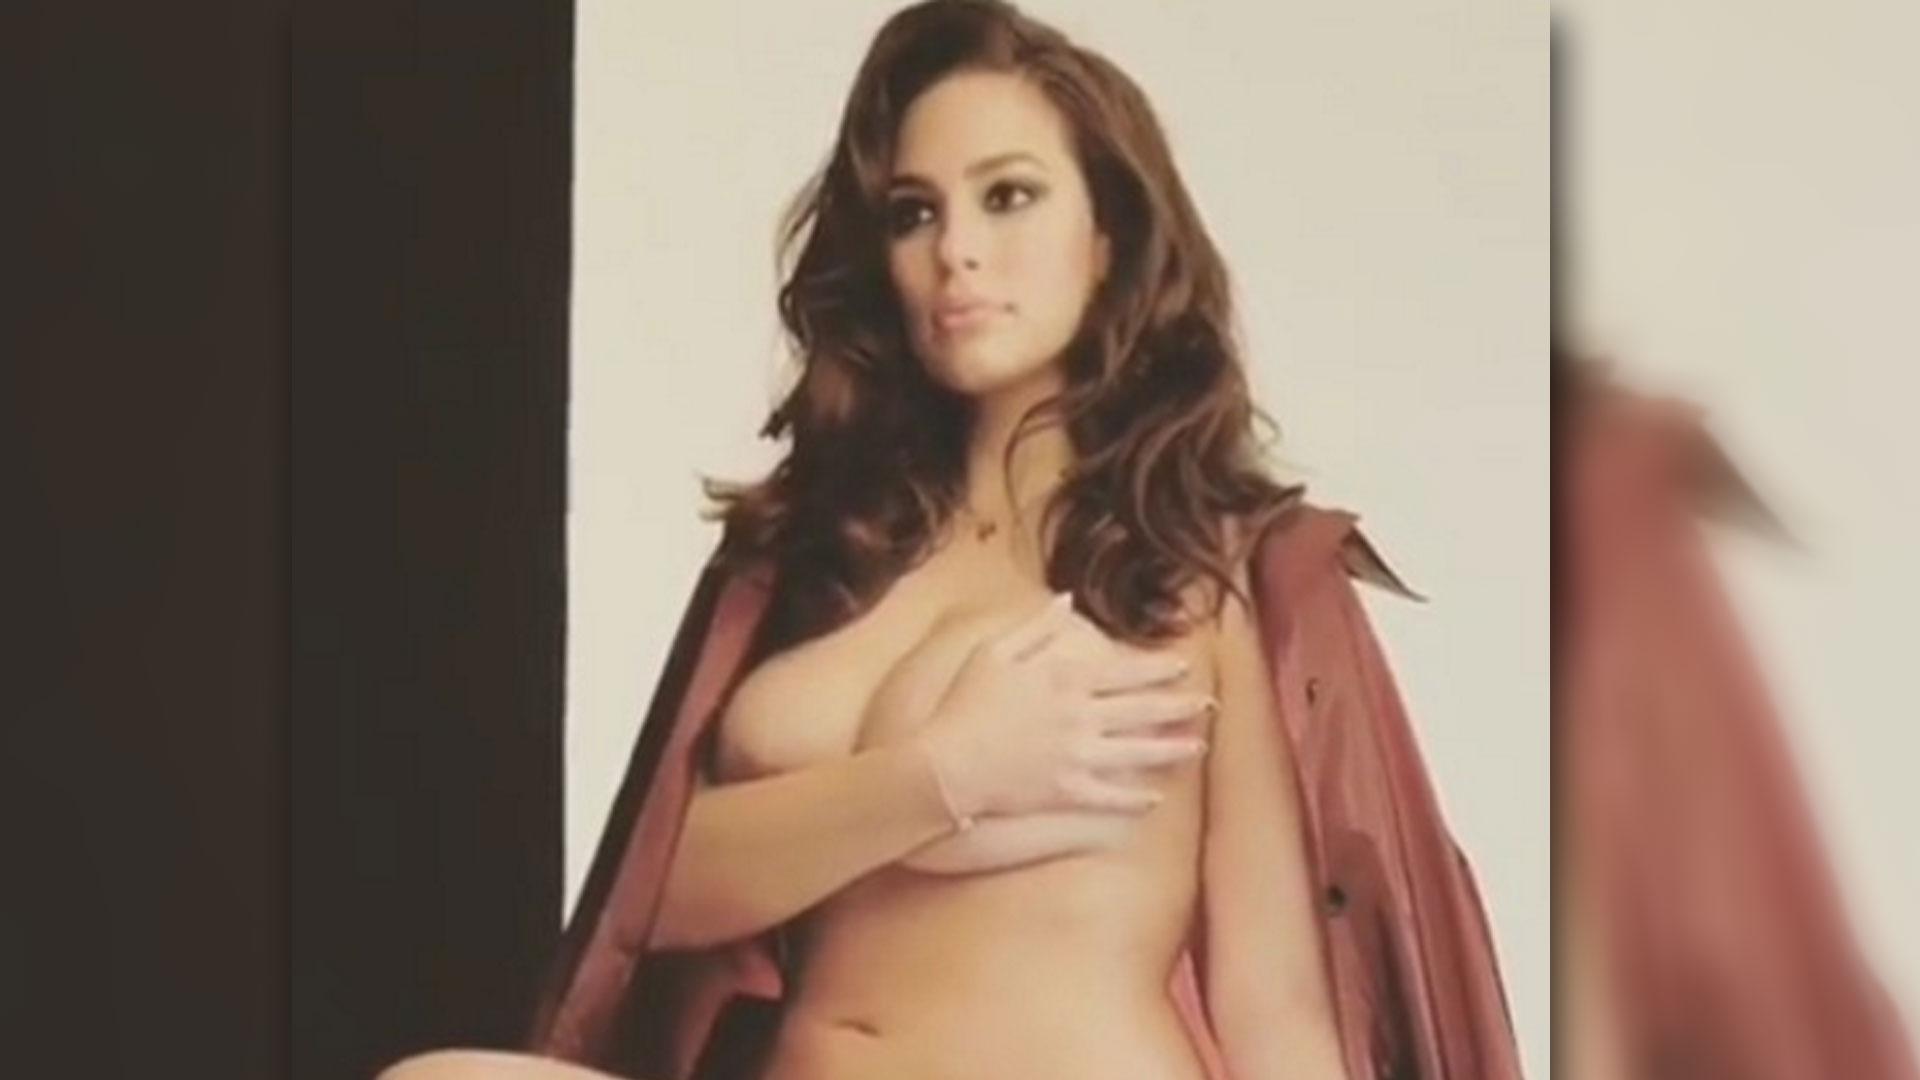 hot naked austrian girls